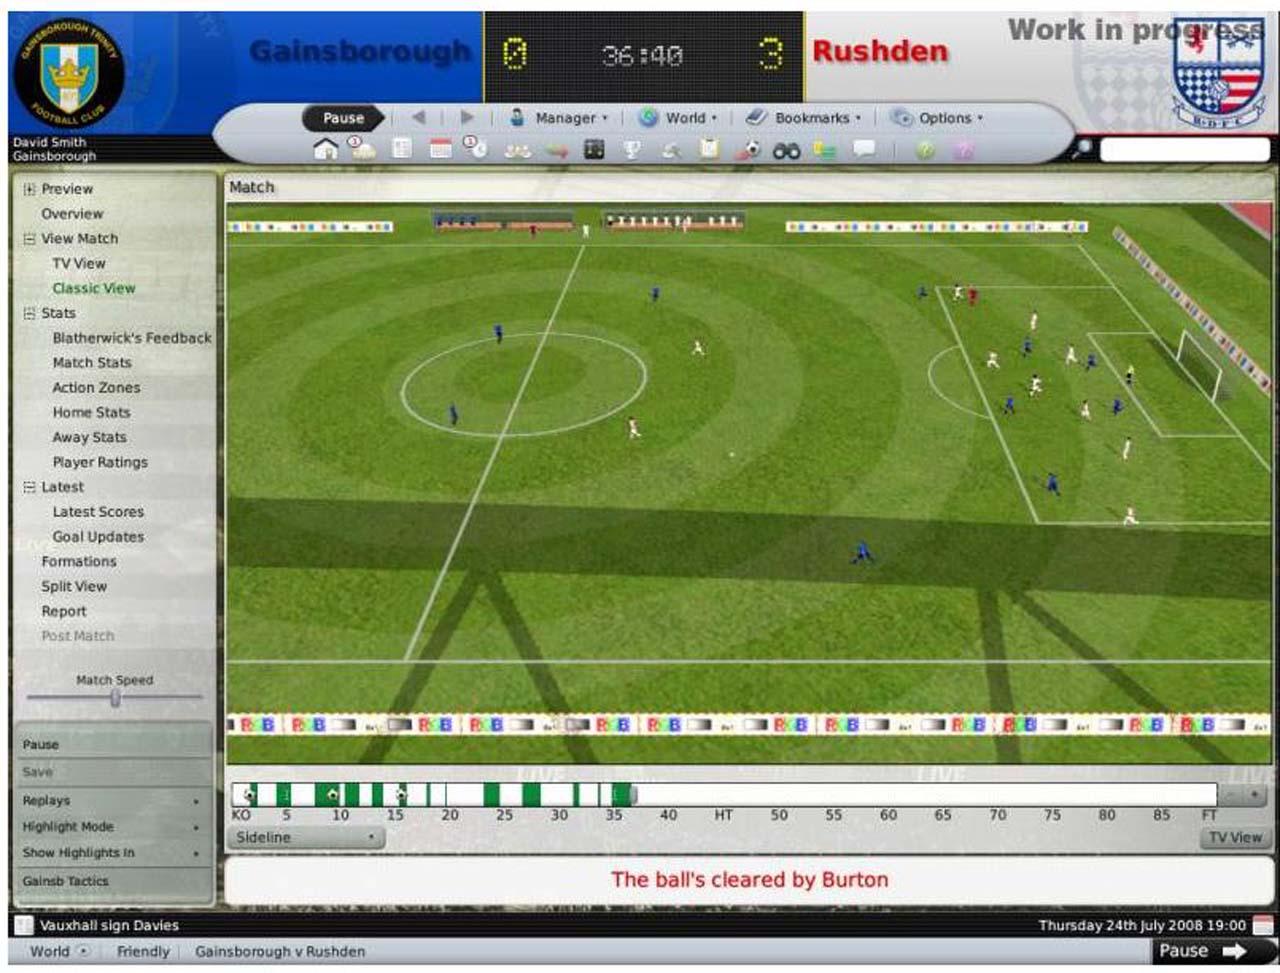 Скачать торрент игры Football Manager 2010 (2009) RePack RUS Здесь